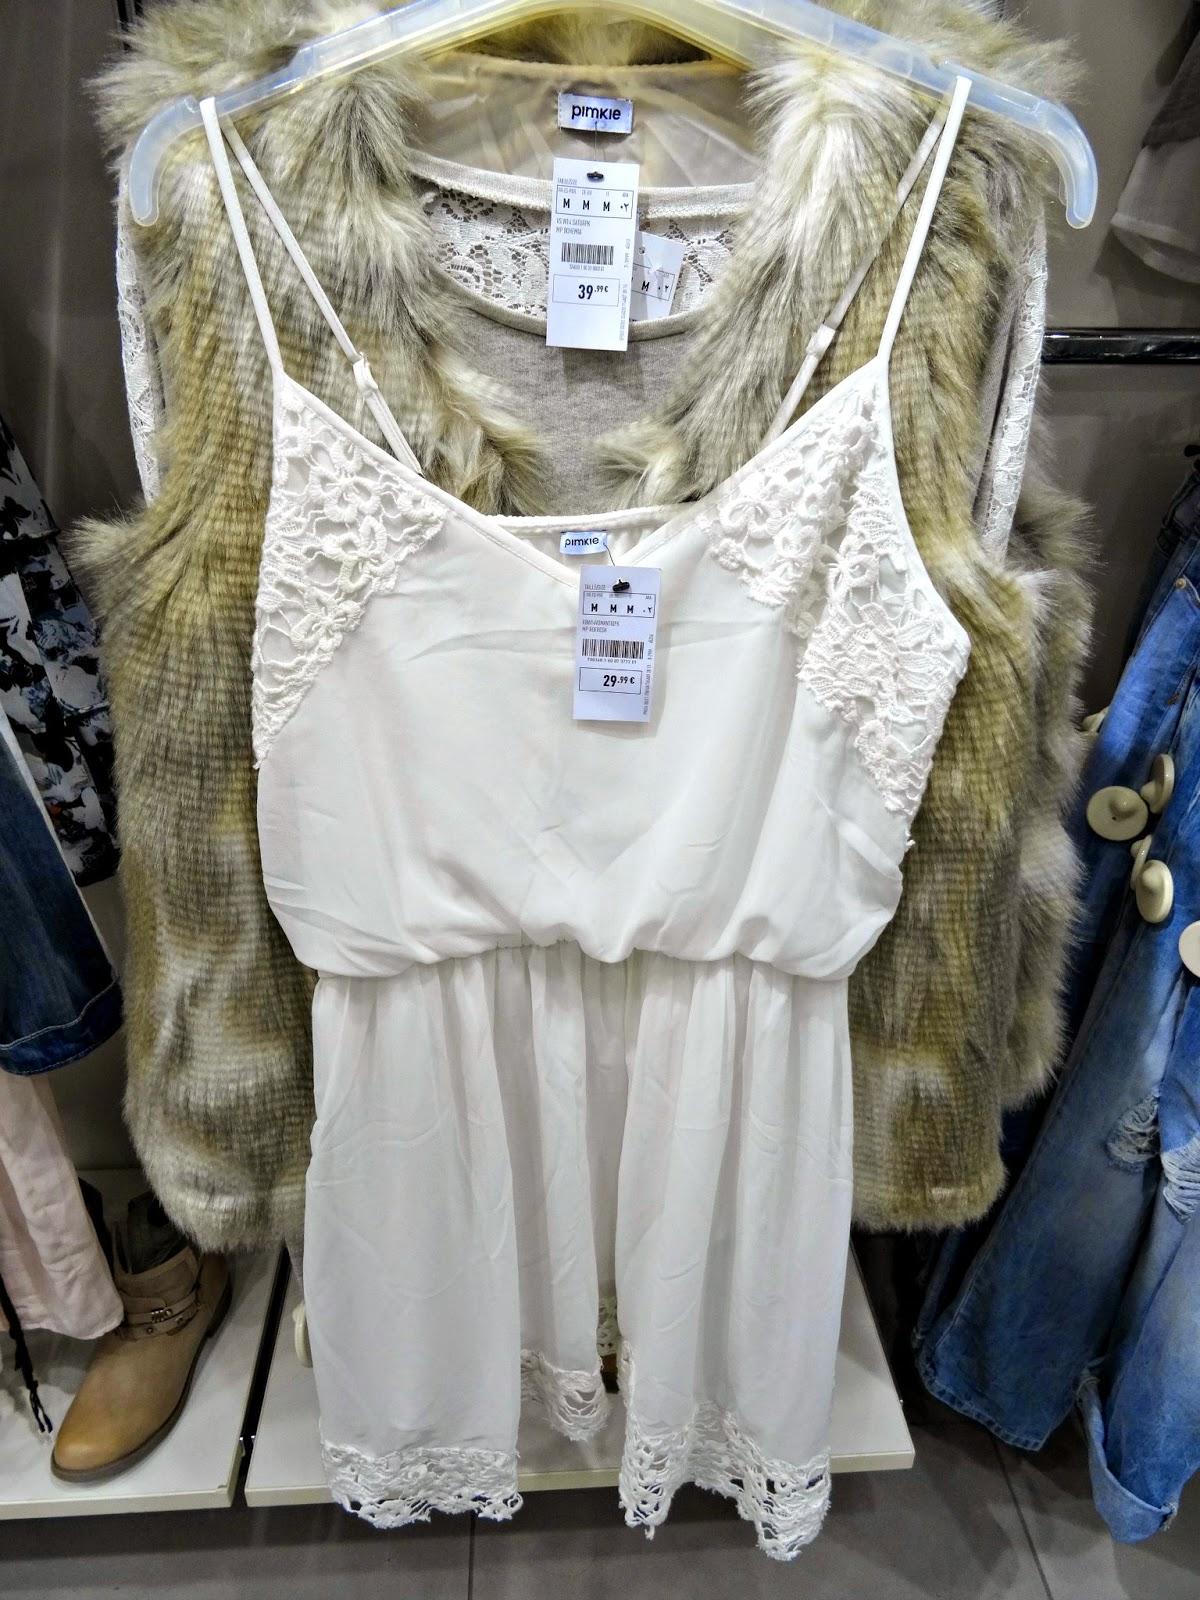 Pimkie White Dress